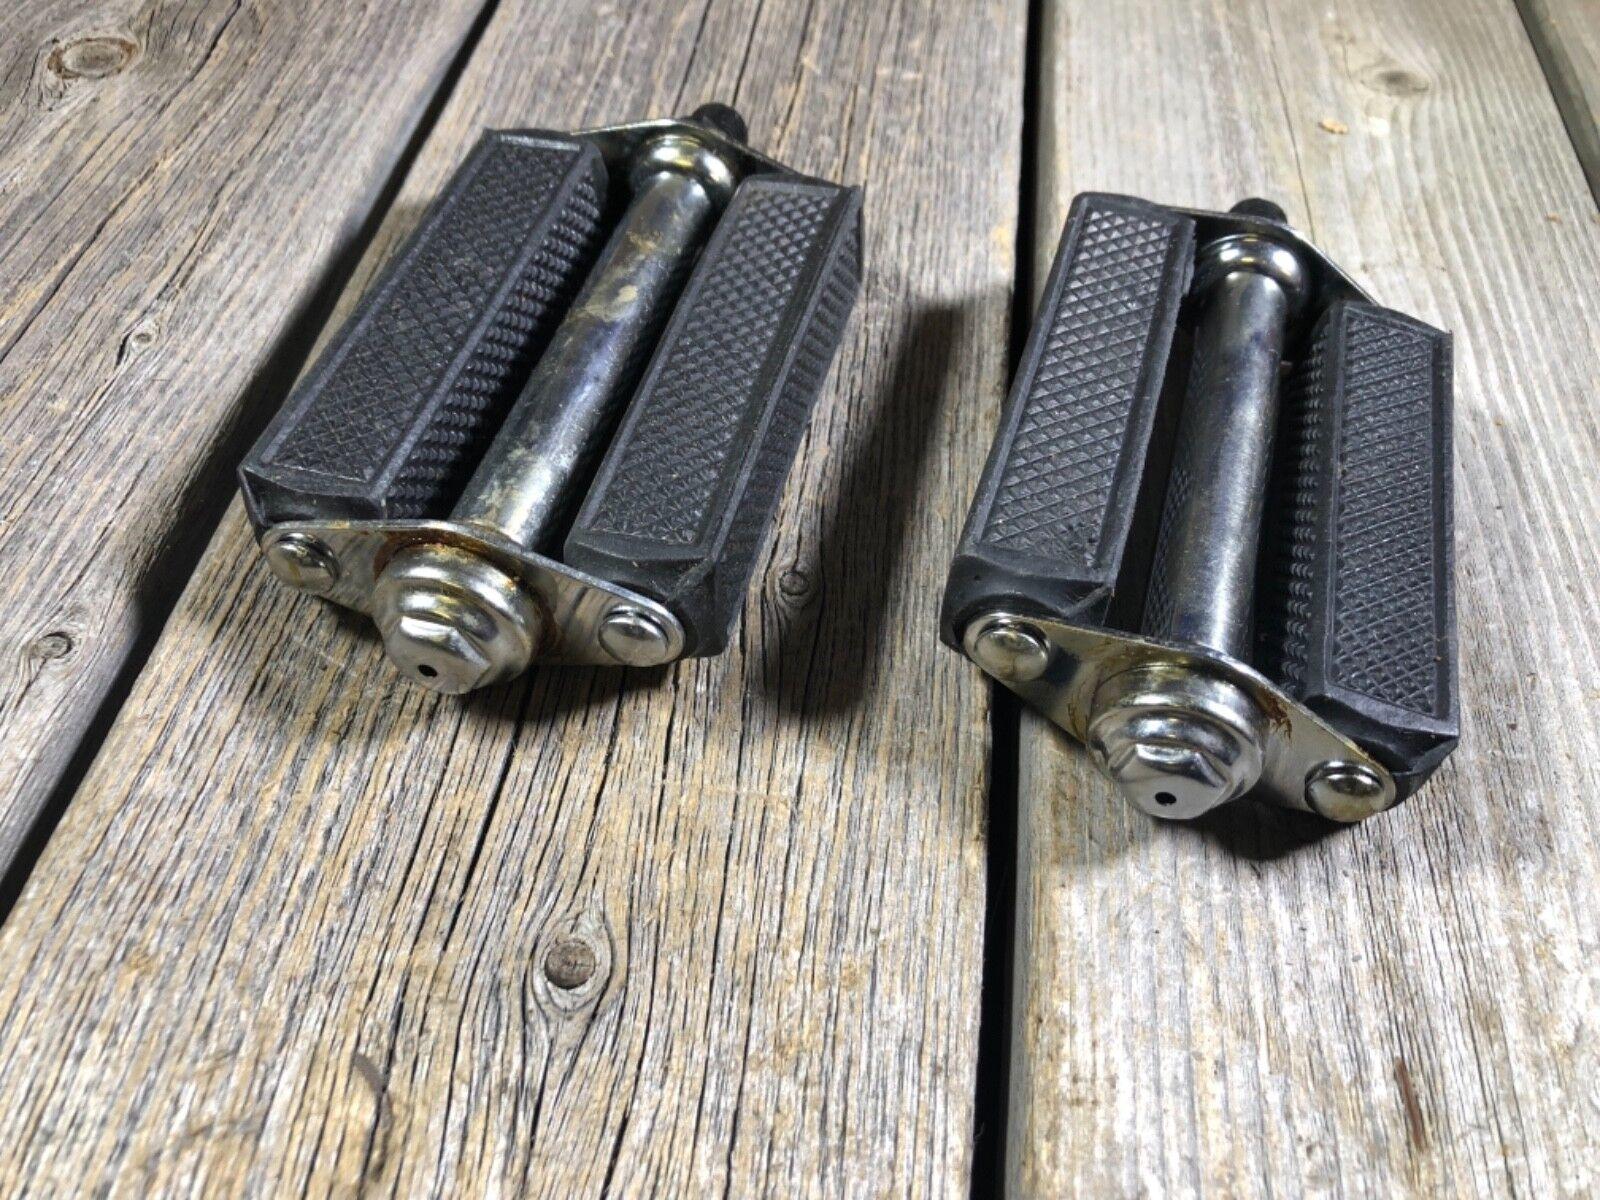 Phillips, bicicletas retro, 1   2 tuercas, dos pedales a la derecha, de fabricación inglesa.